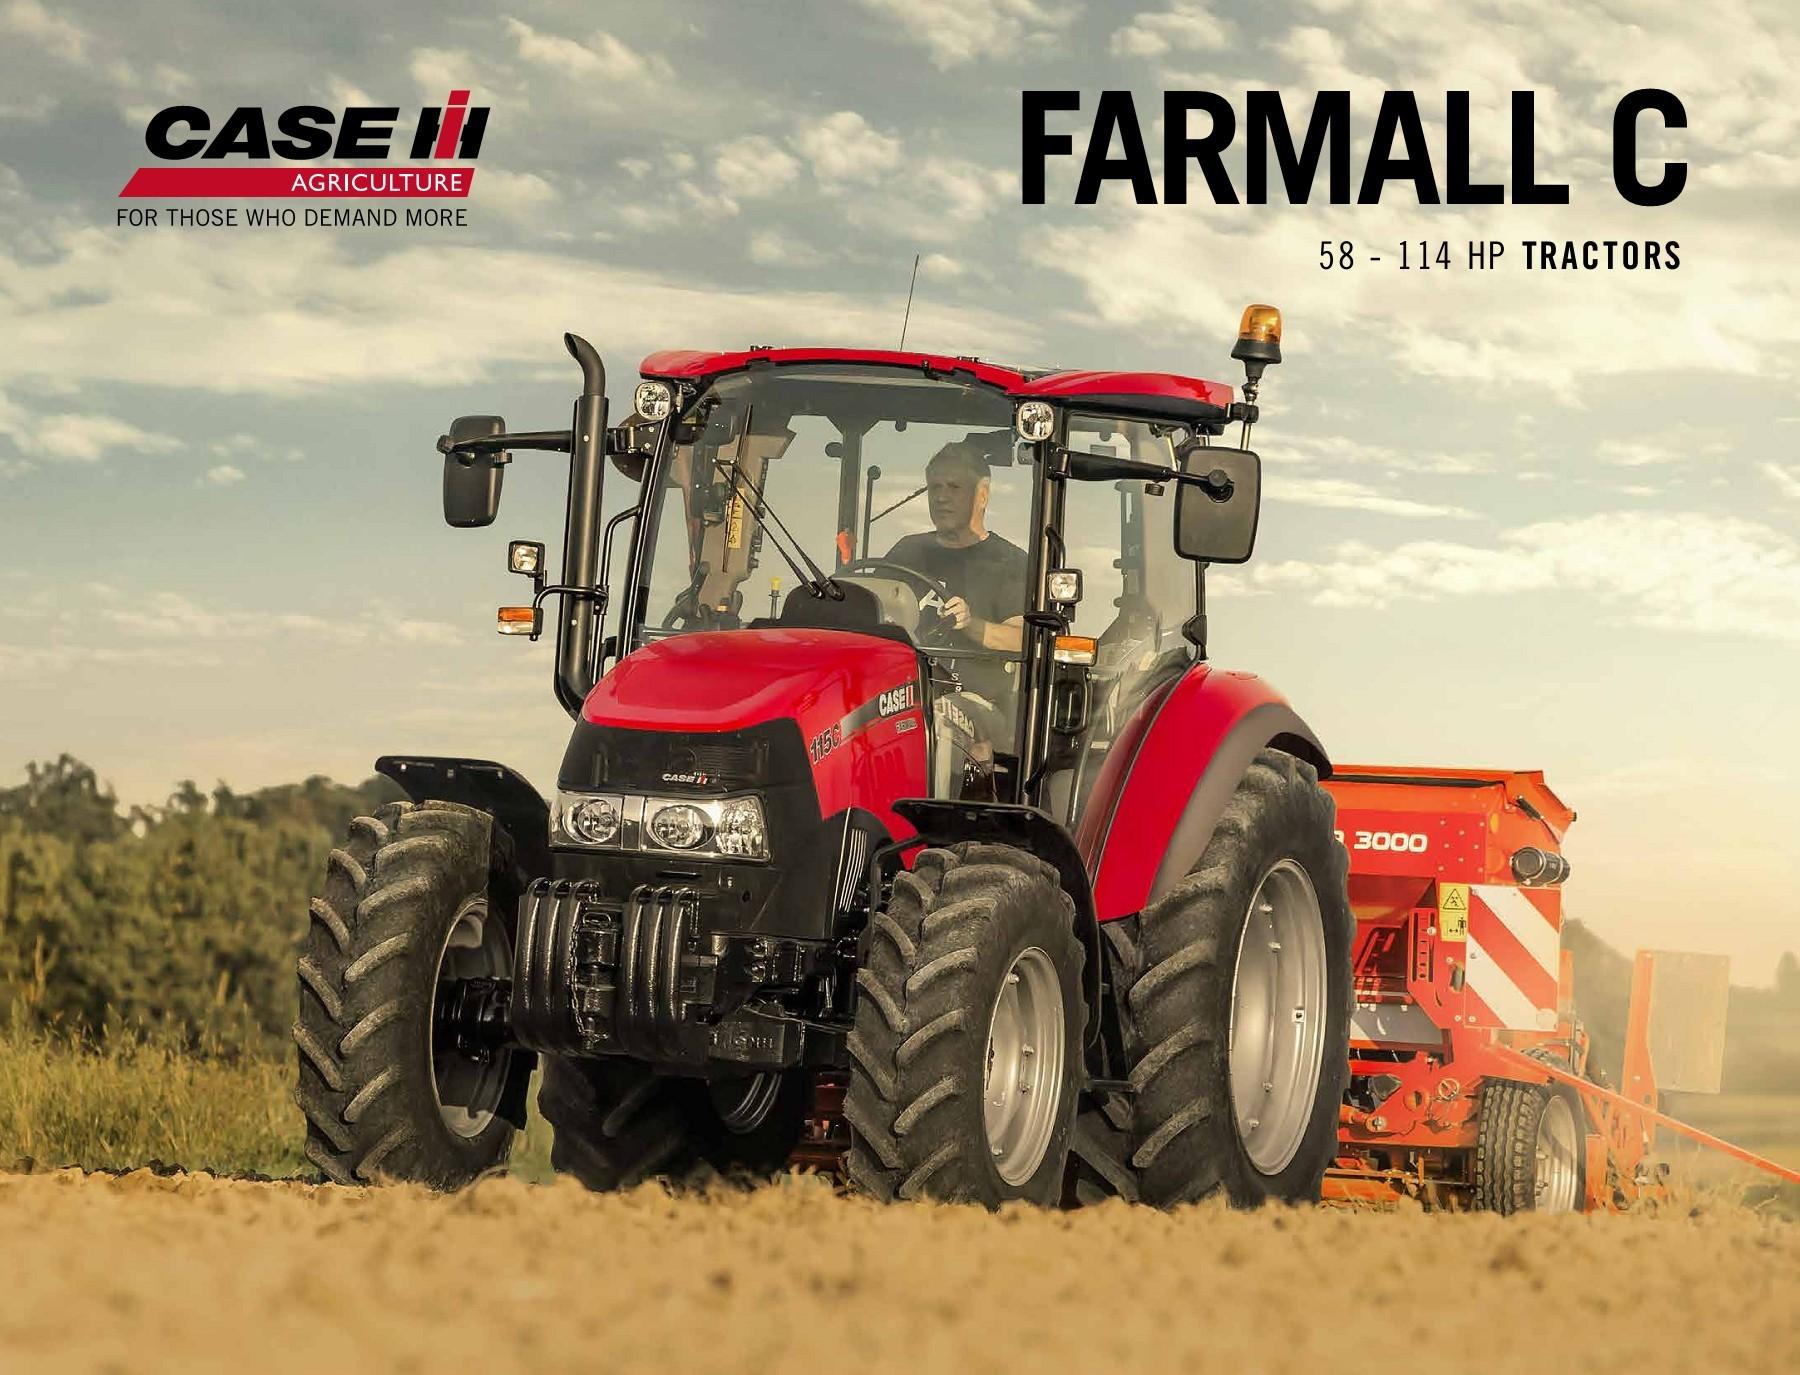 Farmall 105v Tractor Wiring Diagram Free Download Cub 12 Volt C Tractors Case Ih